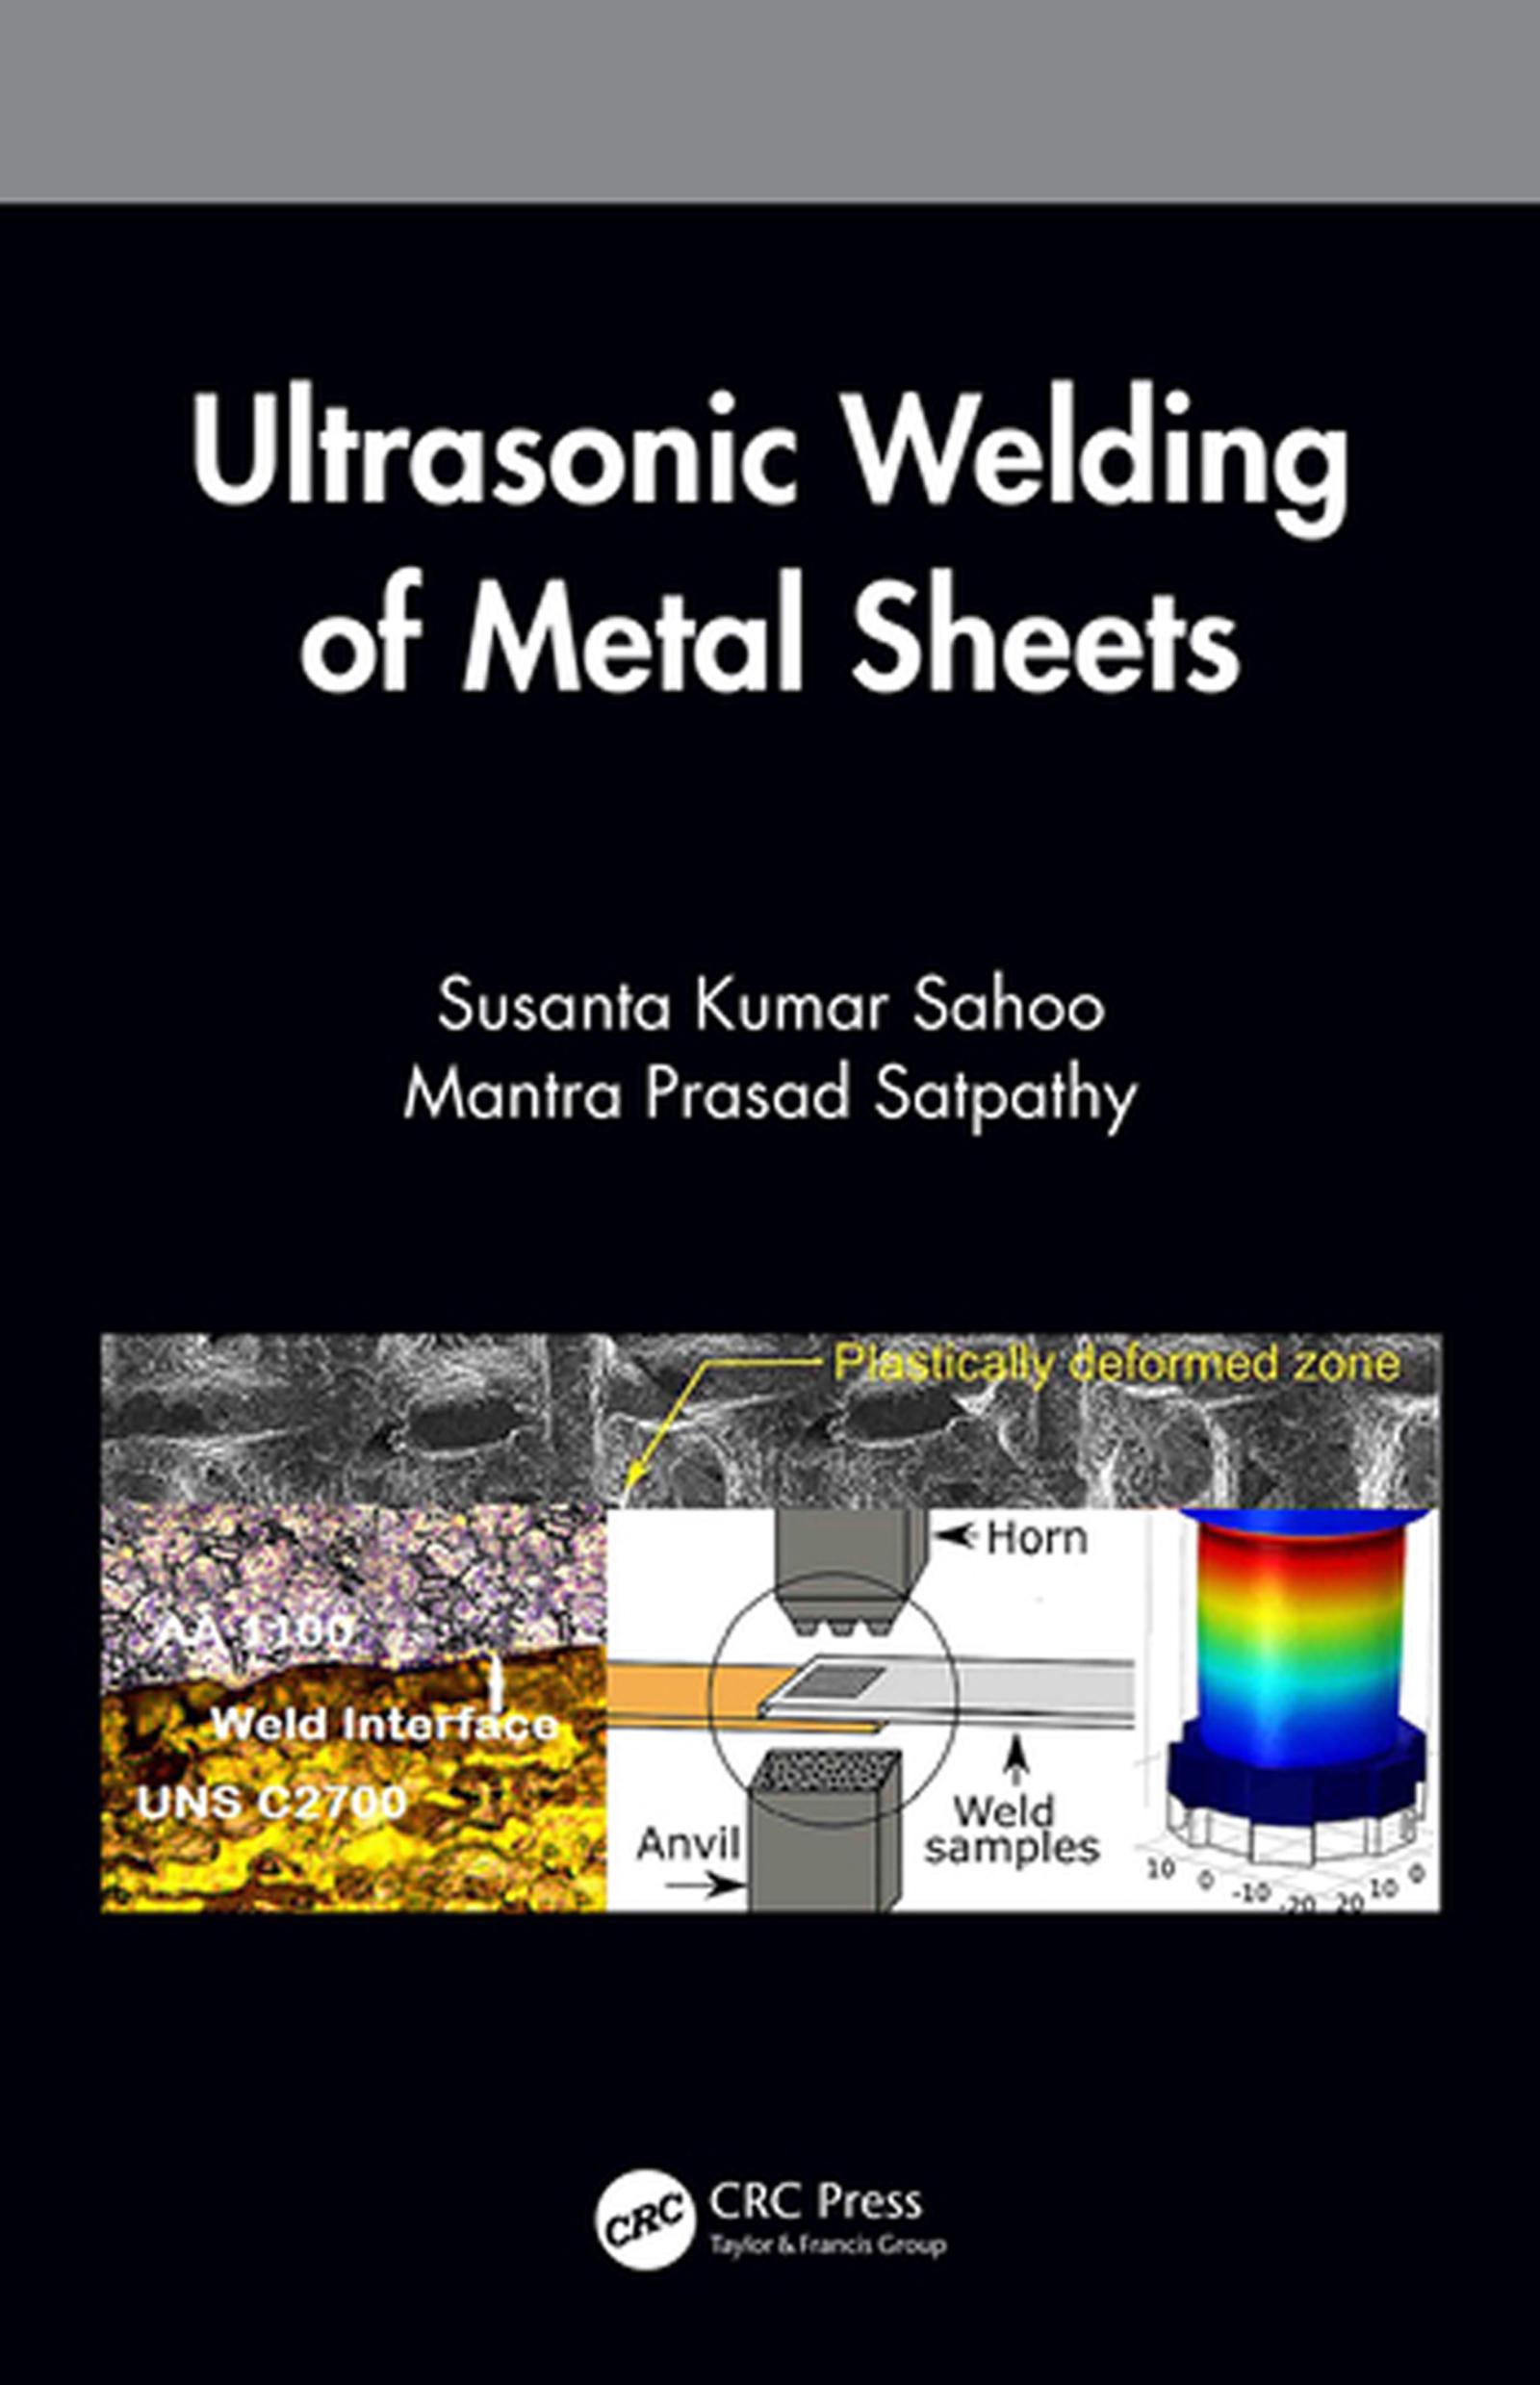 Ultrasonic Welding of Metal Sheets